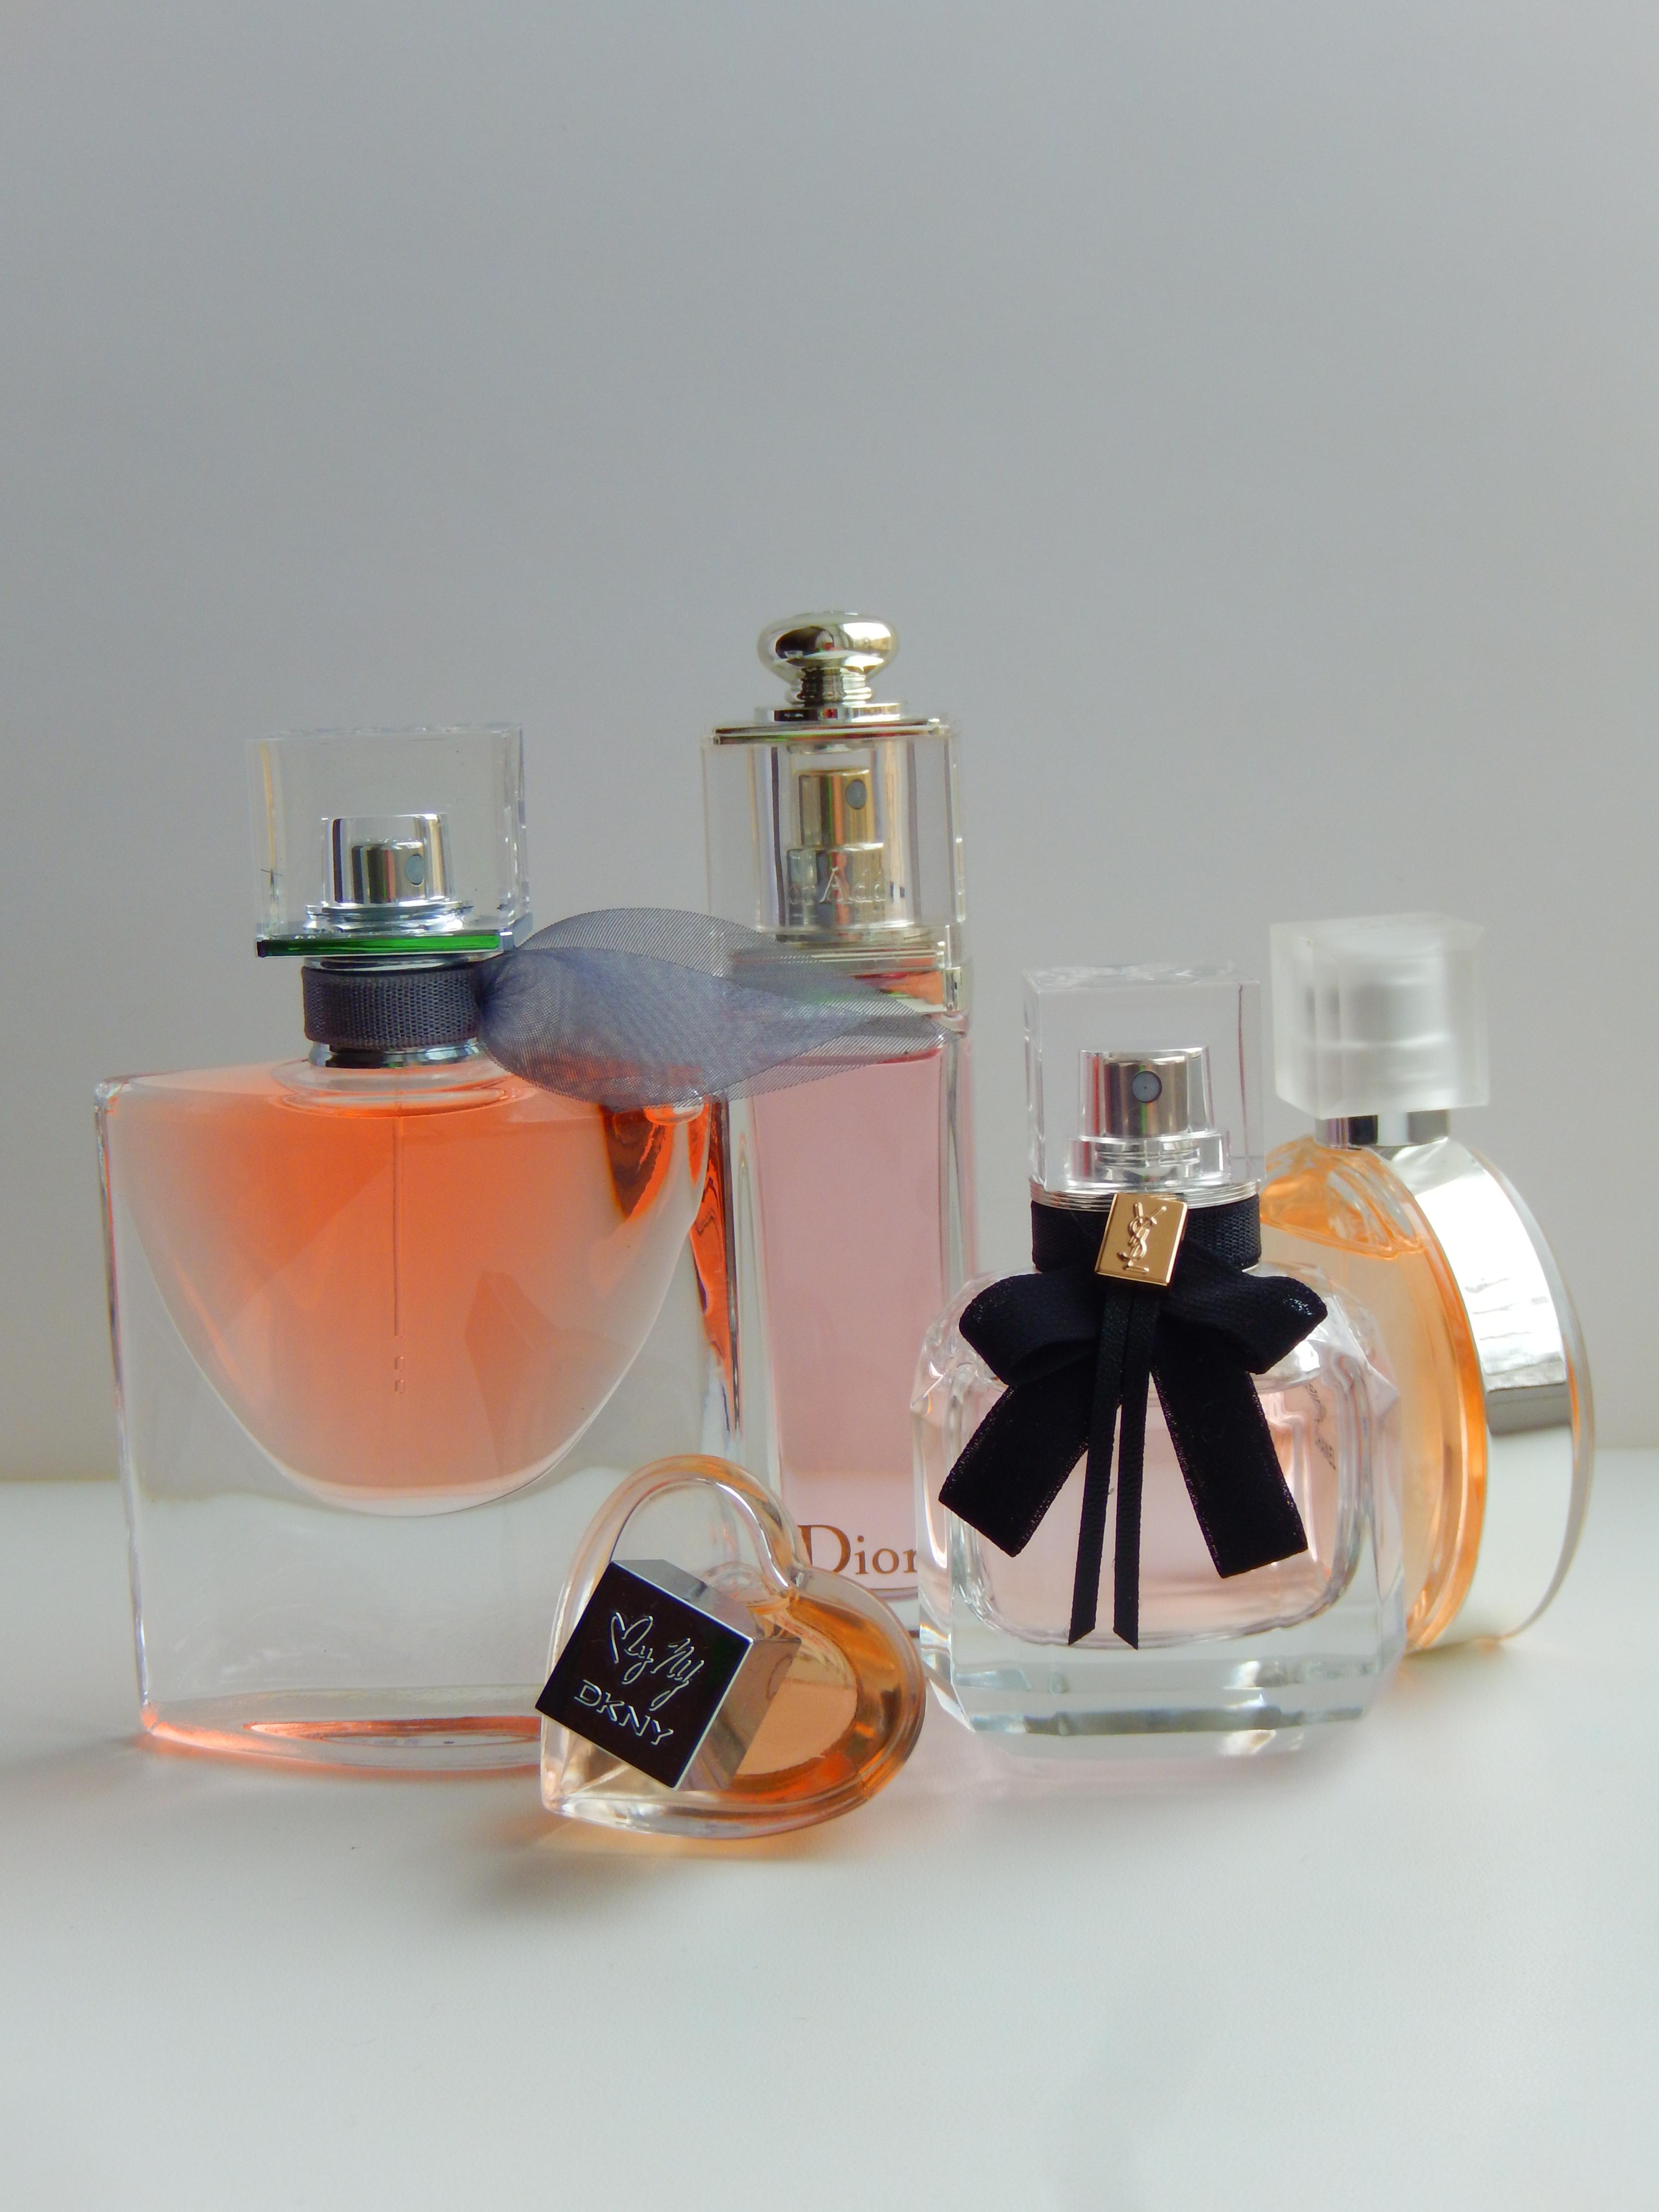 металлические ритуальные виды парфюма фото свою